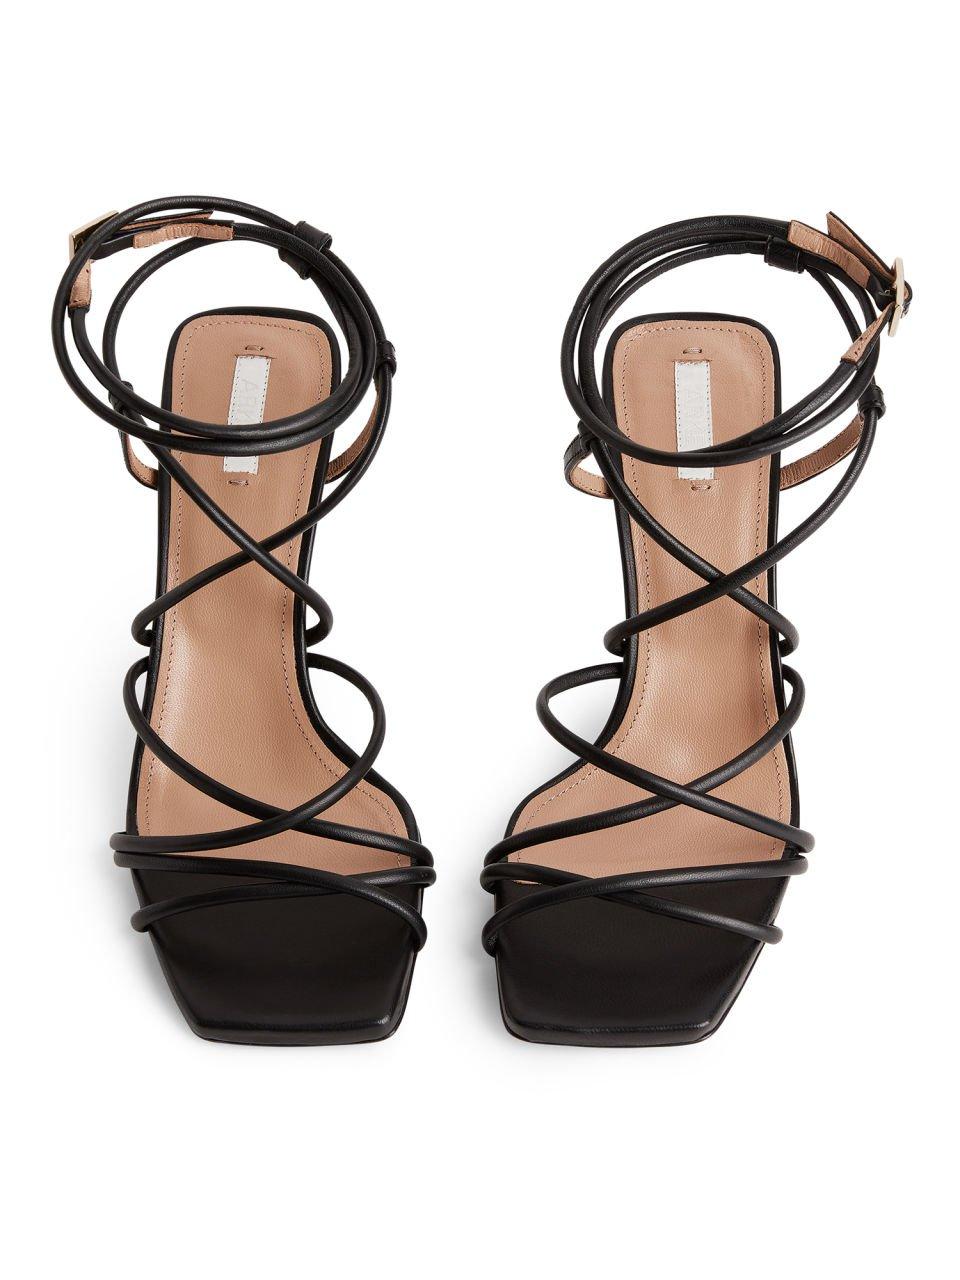 High-Heel Leather Strap Sandal - Black - Shoes - ARKET SE